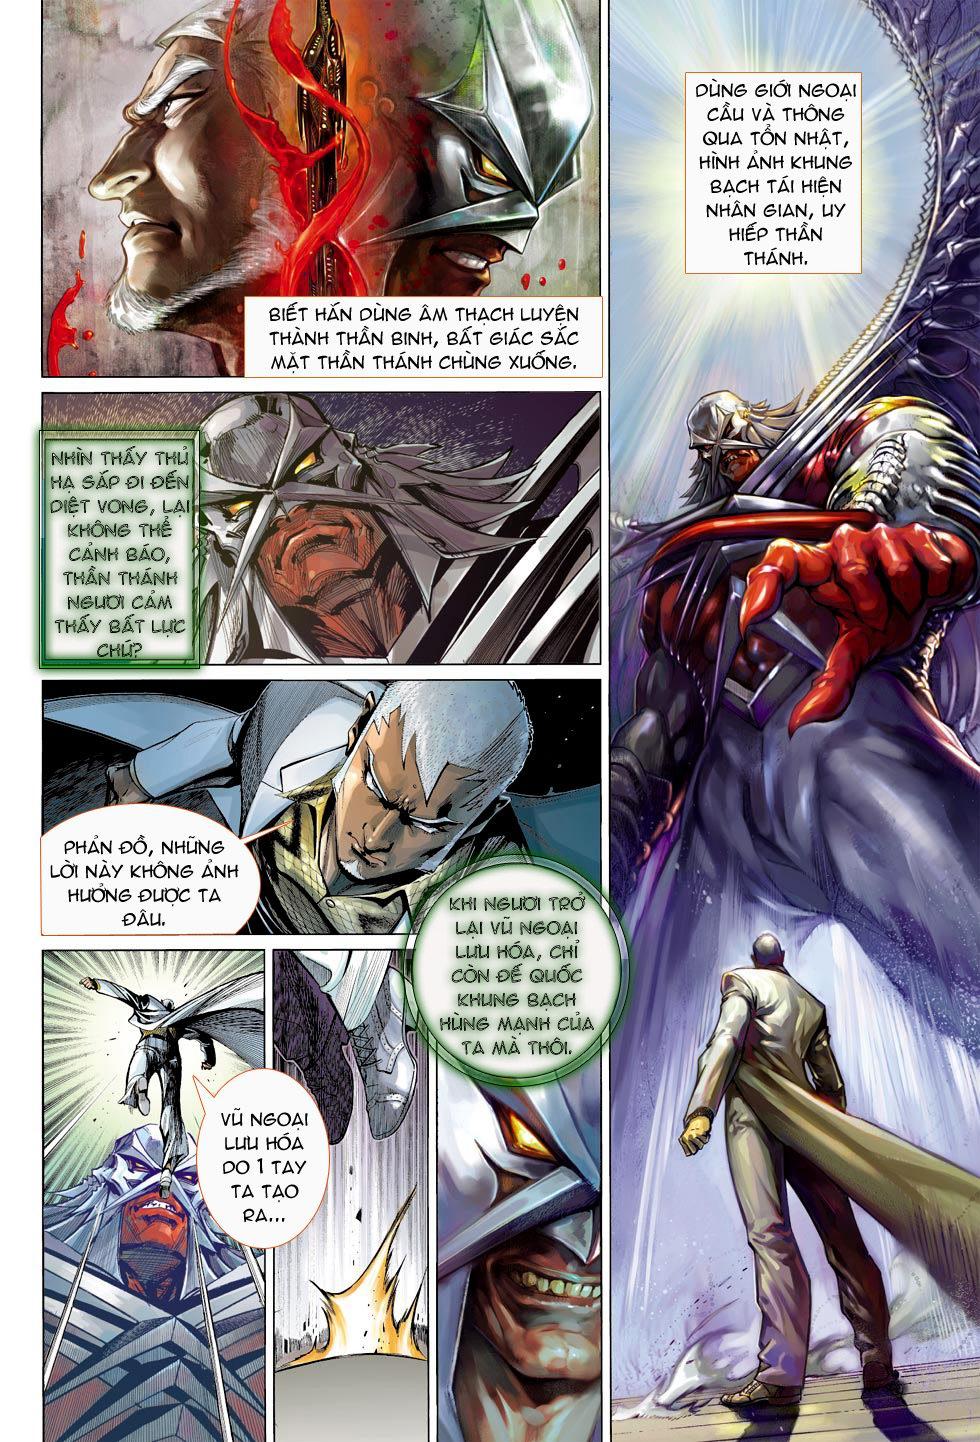 Thần Binh 4 chap 16 - Trang 2